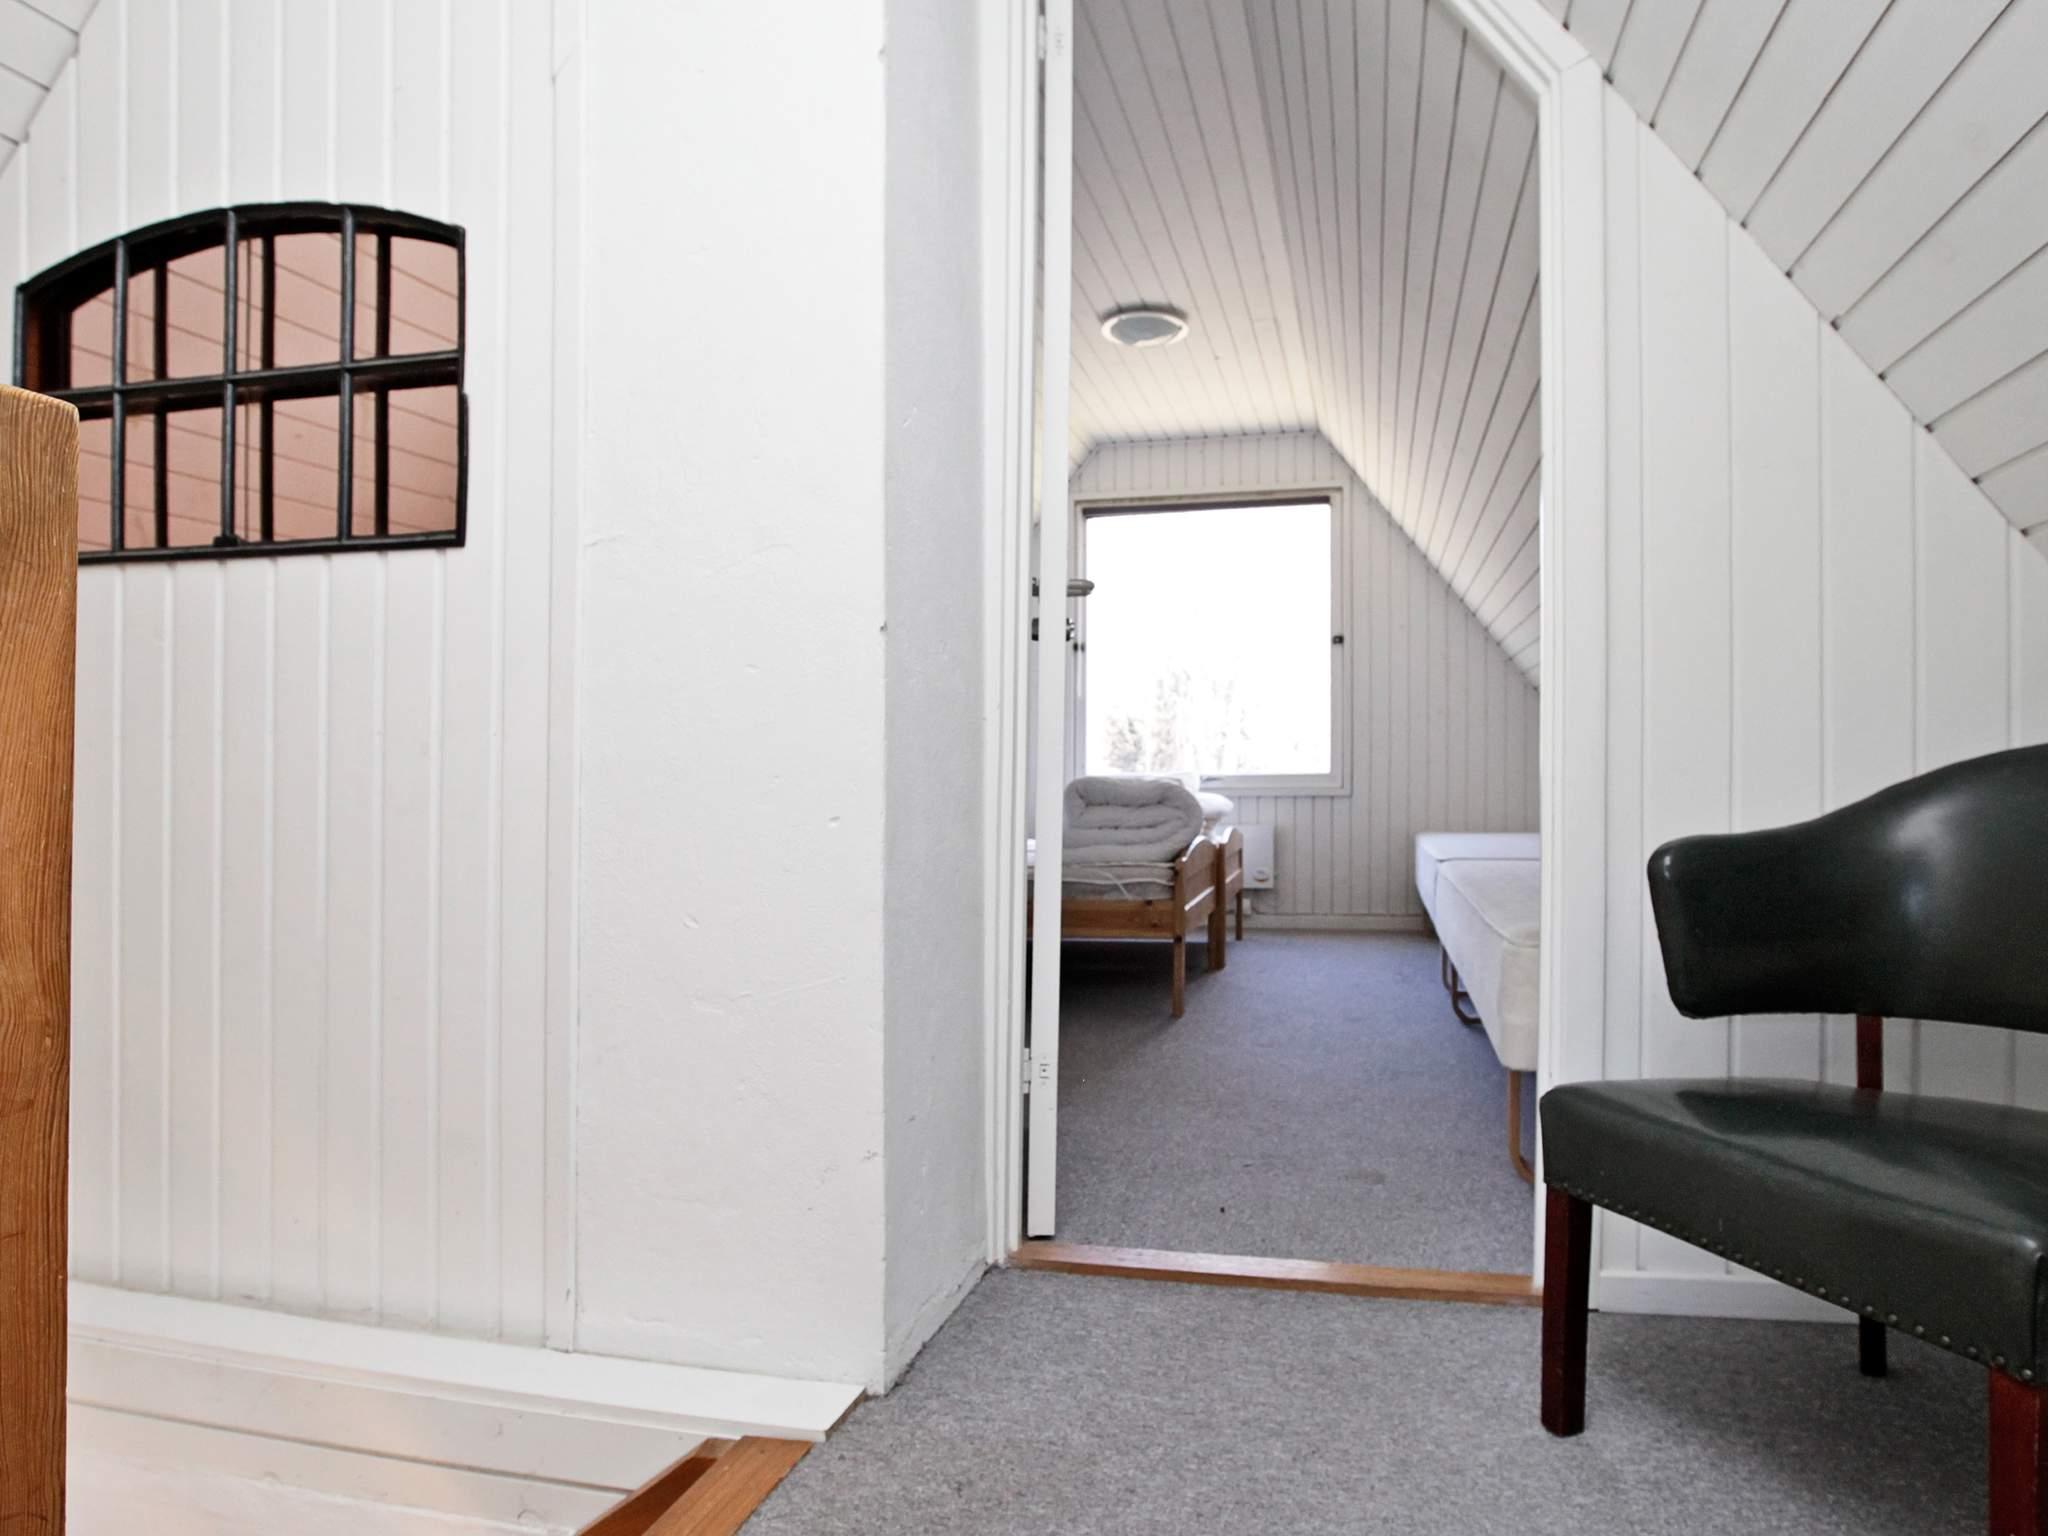 Ferienhaus Silkeborg (757425), Silkeborg, , Ostjütland, Dänemark, Bild 12